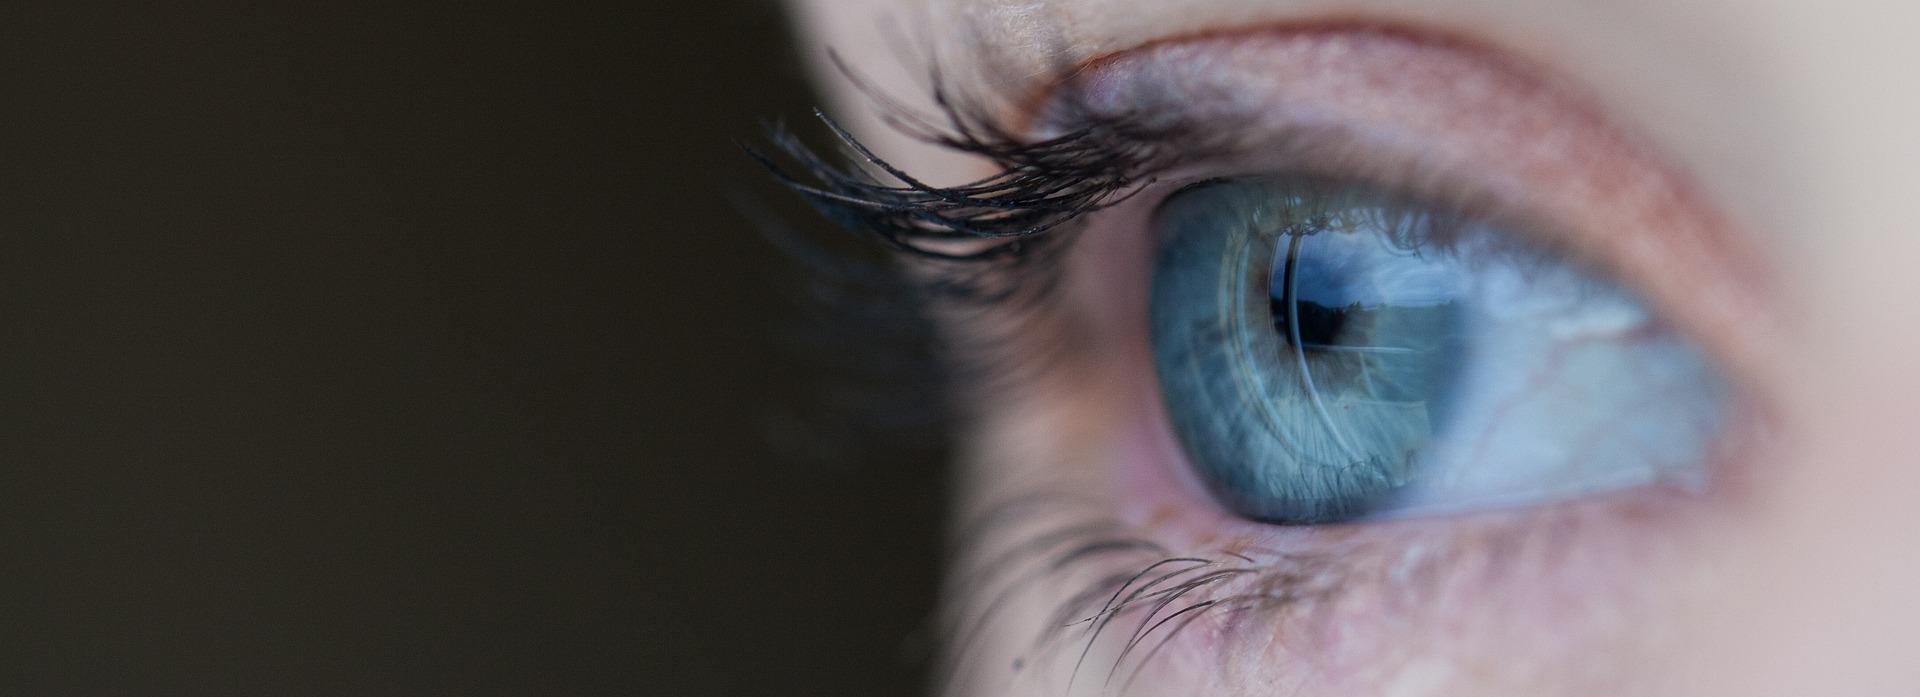 eye-691269_1920 (1)